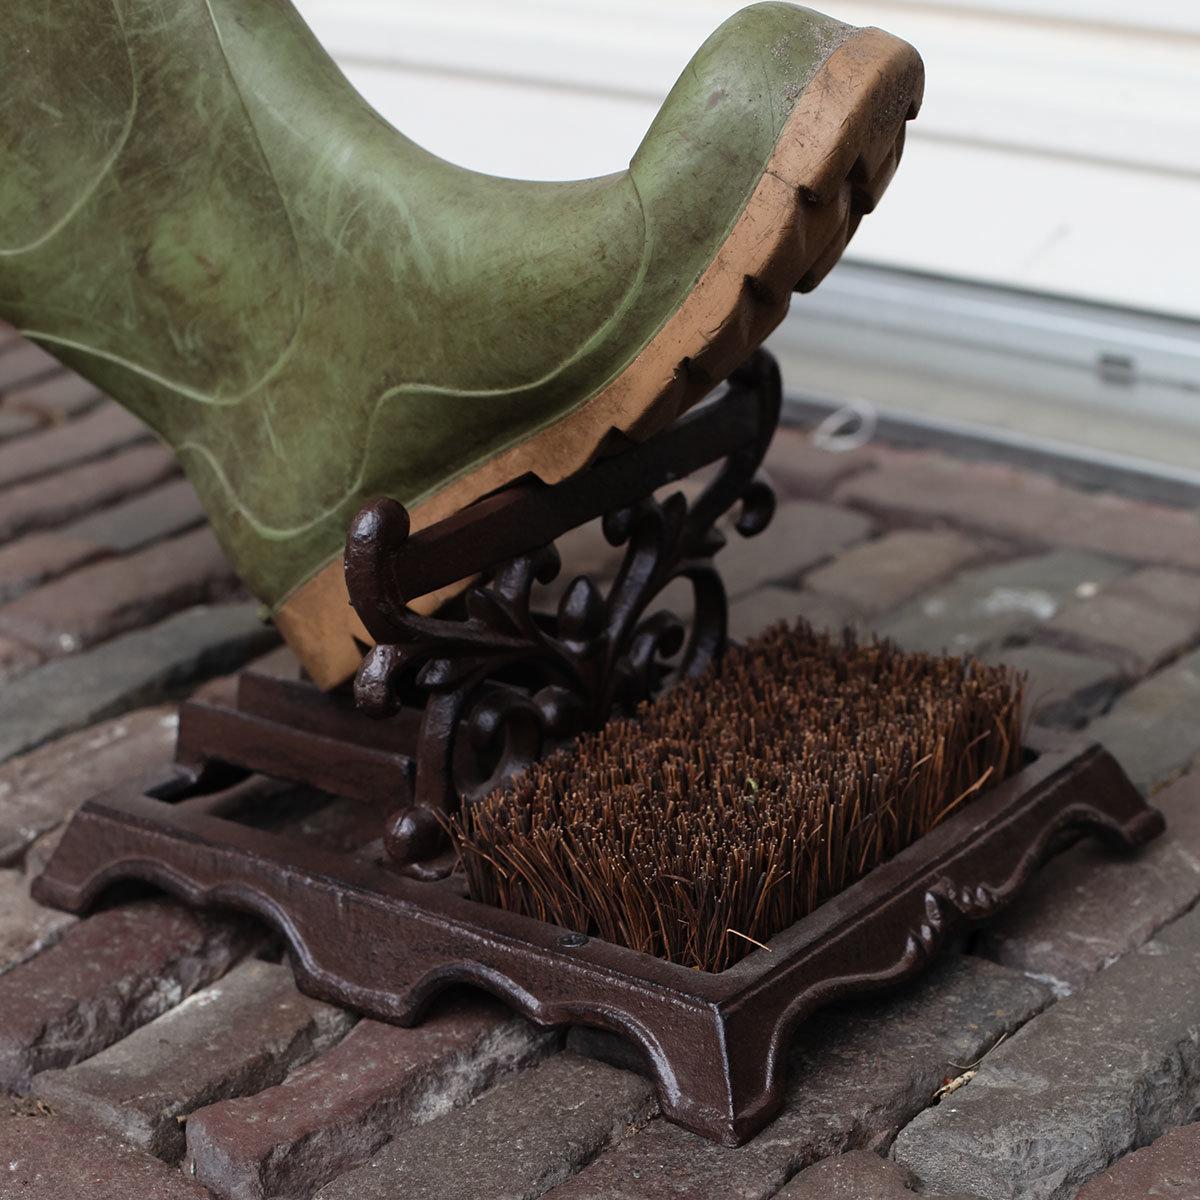 Schuhbürste Lyon, 14x27x22 cm, Gusseisen, braun   #5